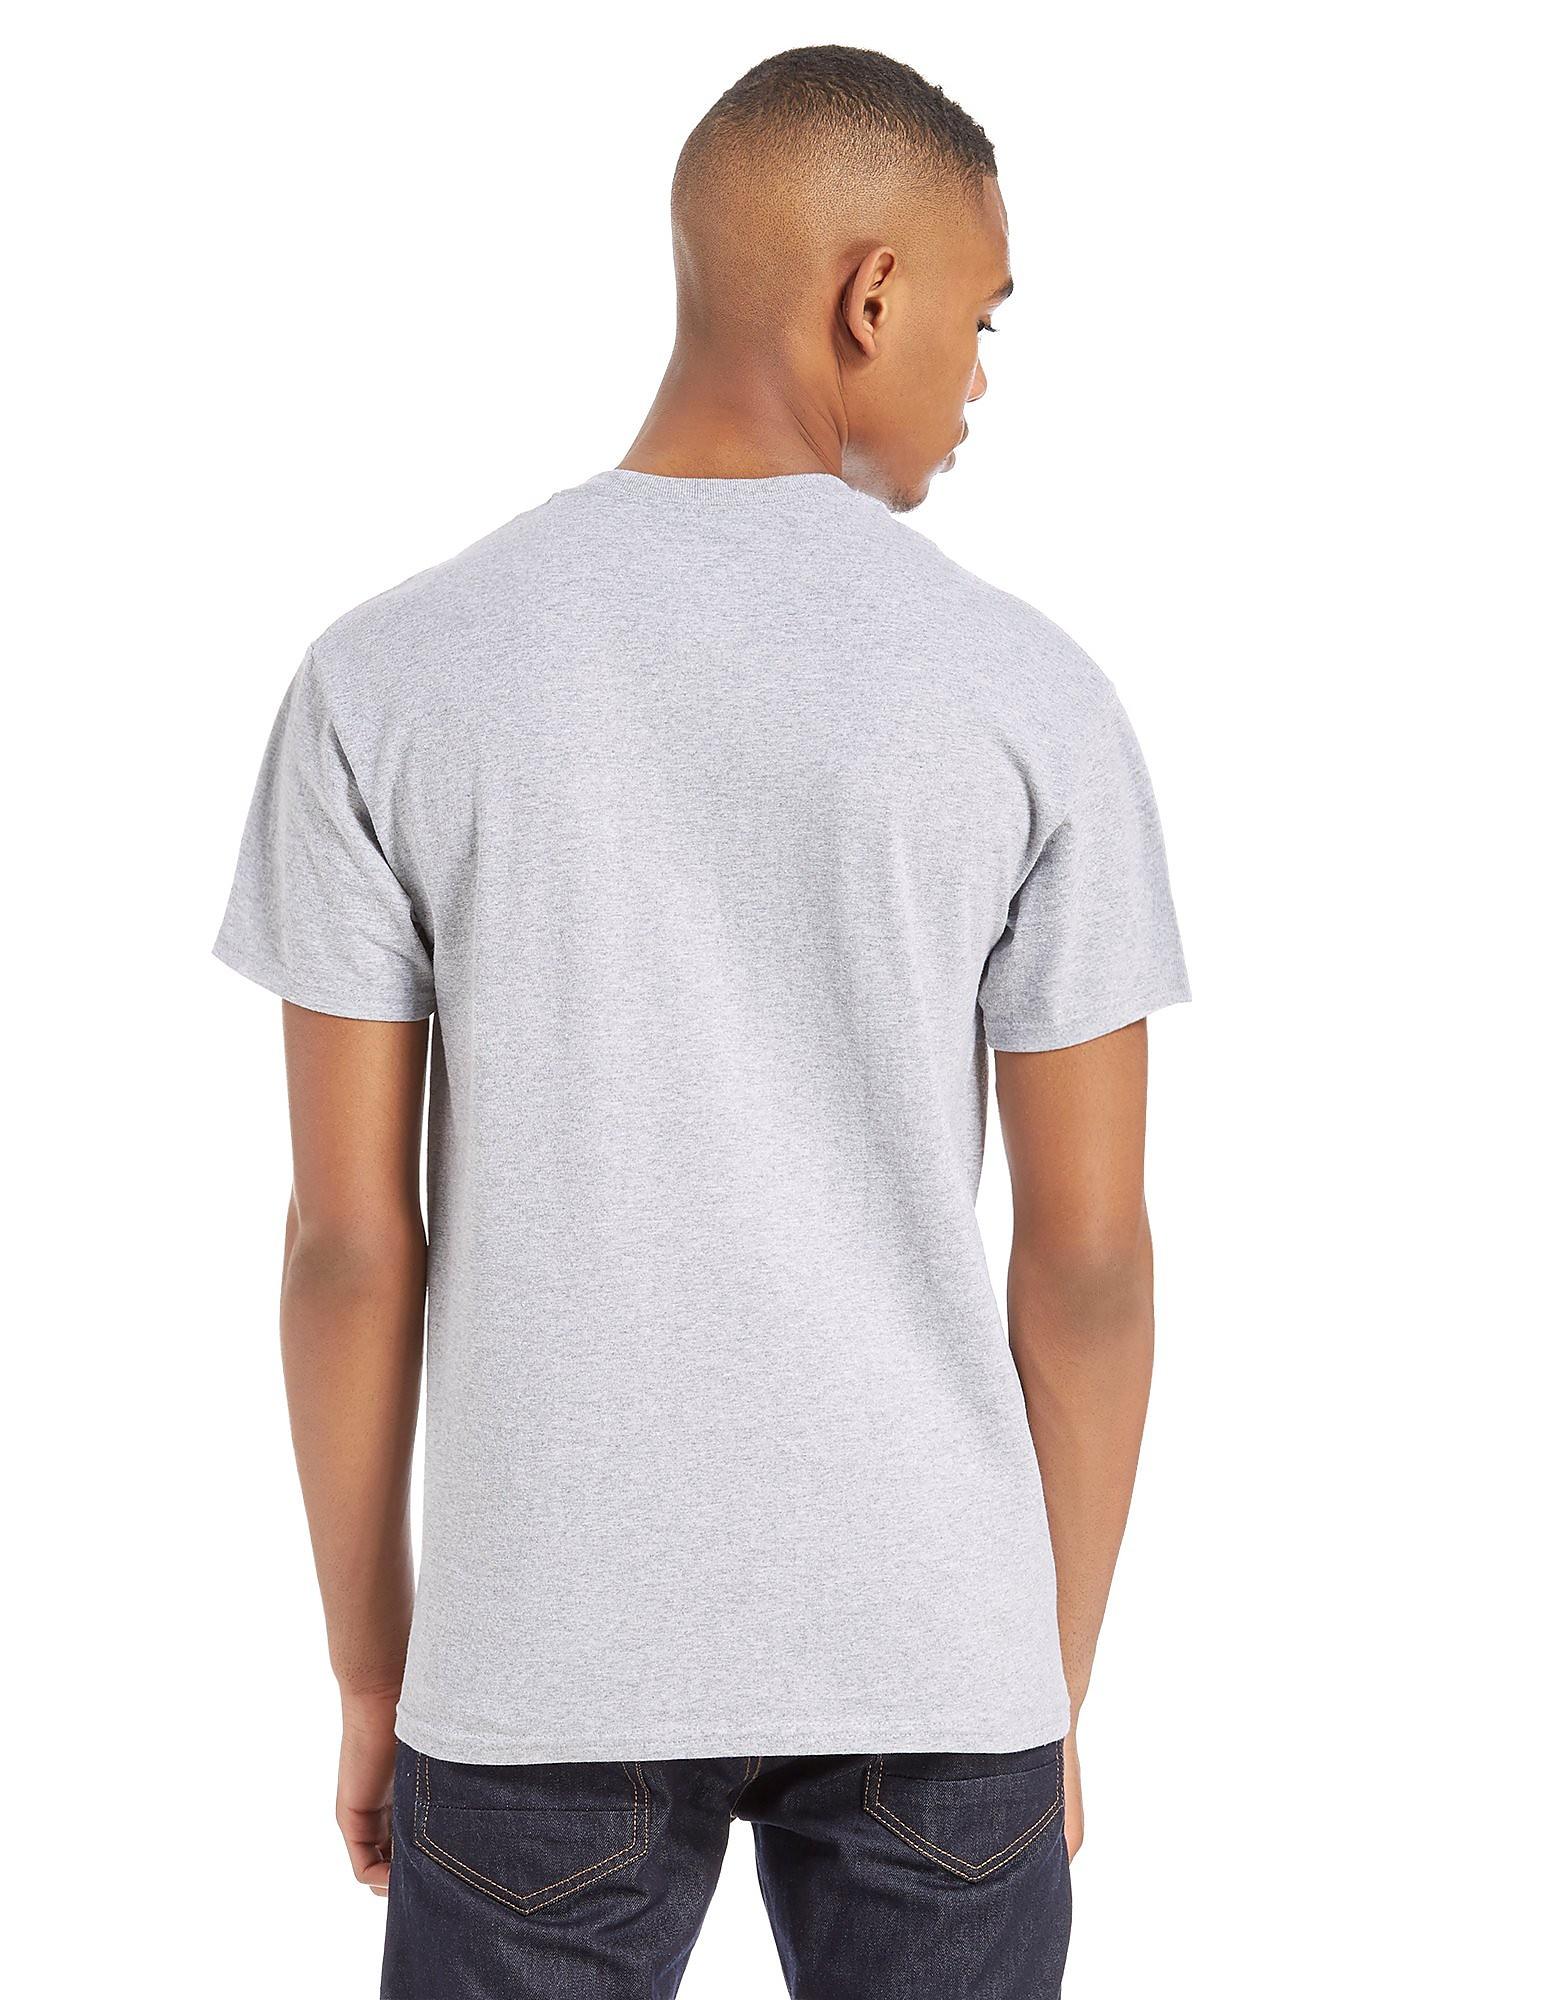 Official Team NUFC Saint James Park-t-shirt